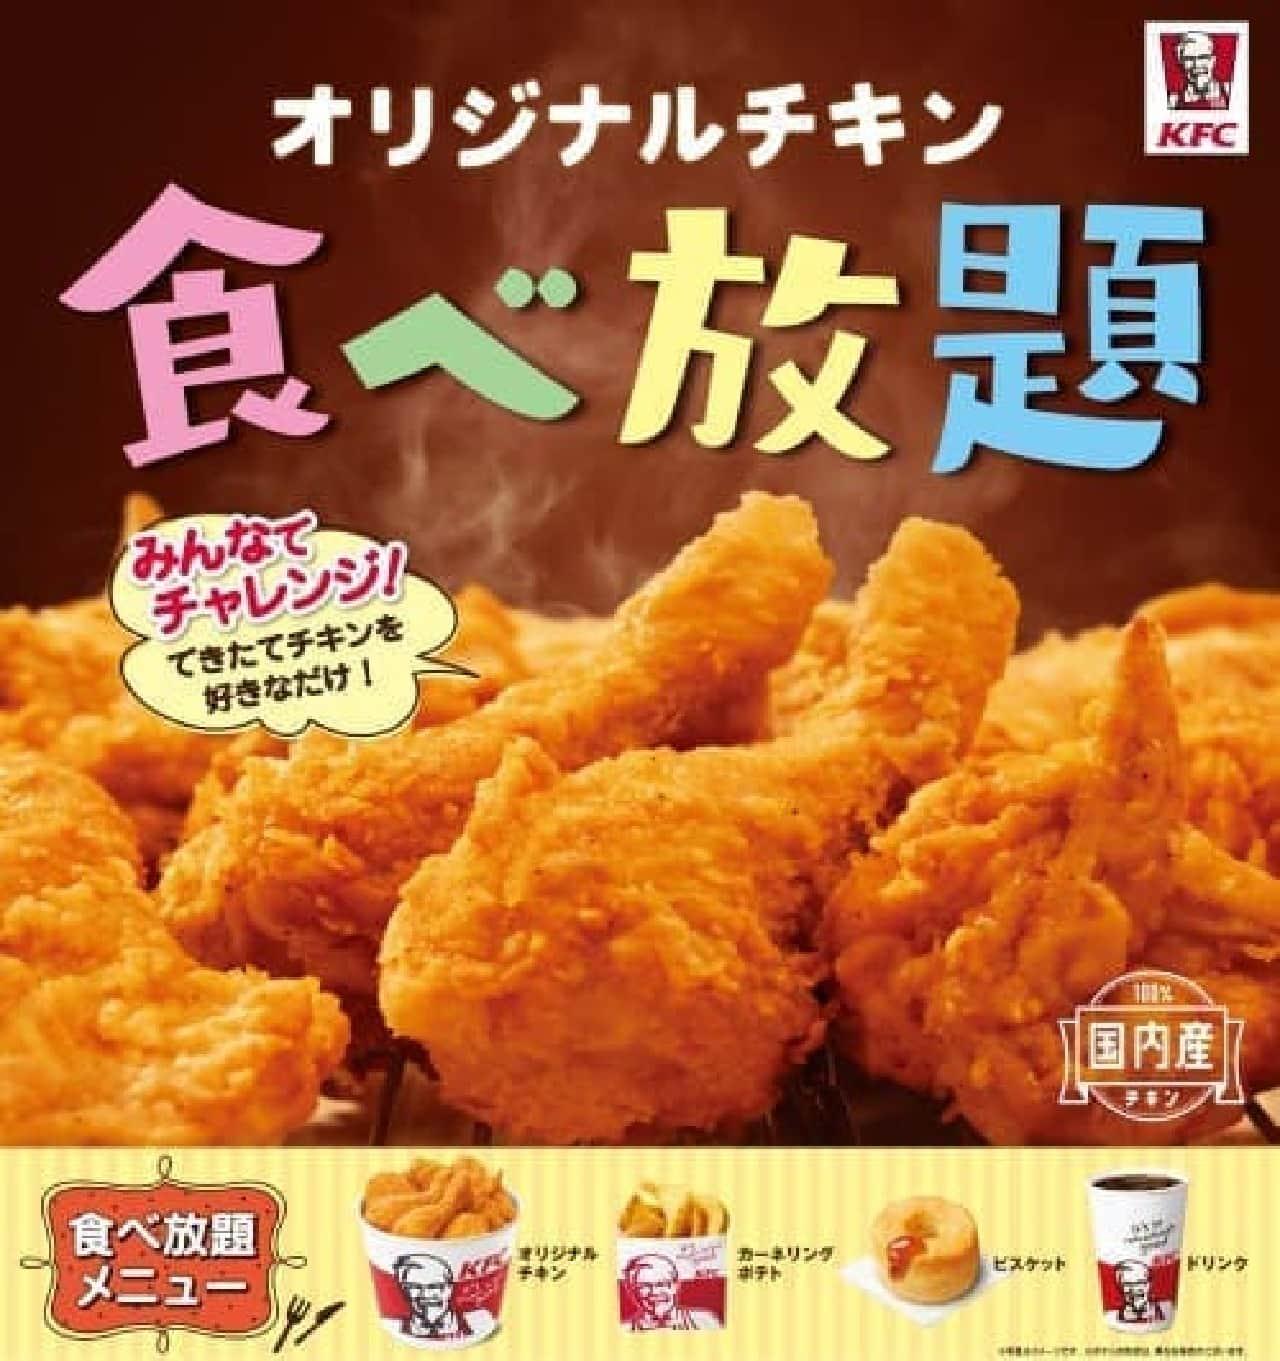 ケンタッキー・フライド・チキン「『オリジナルチキン』食べ放題!」